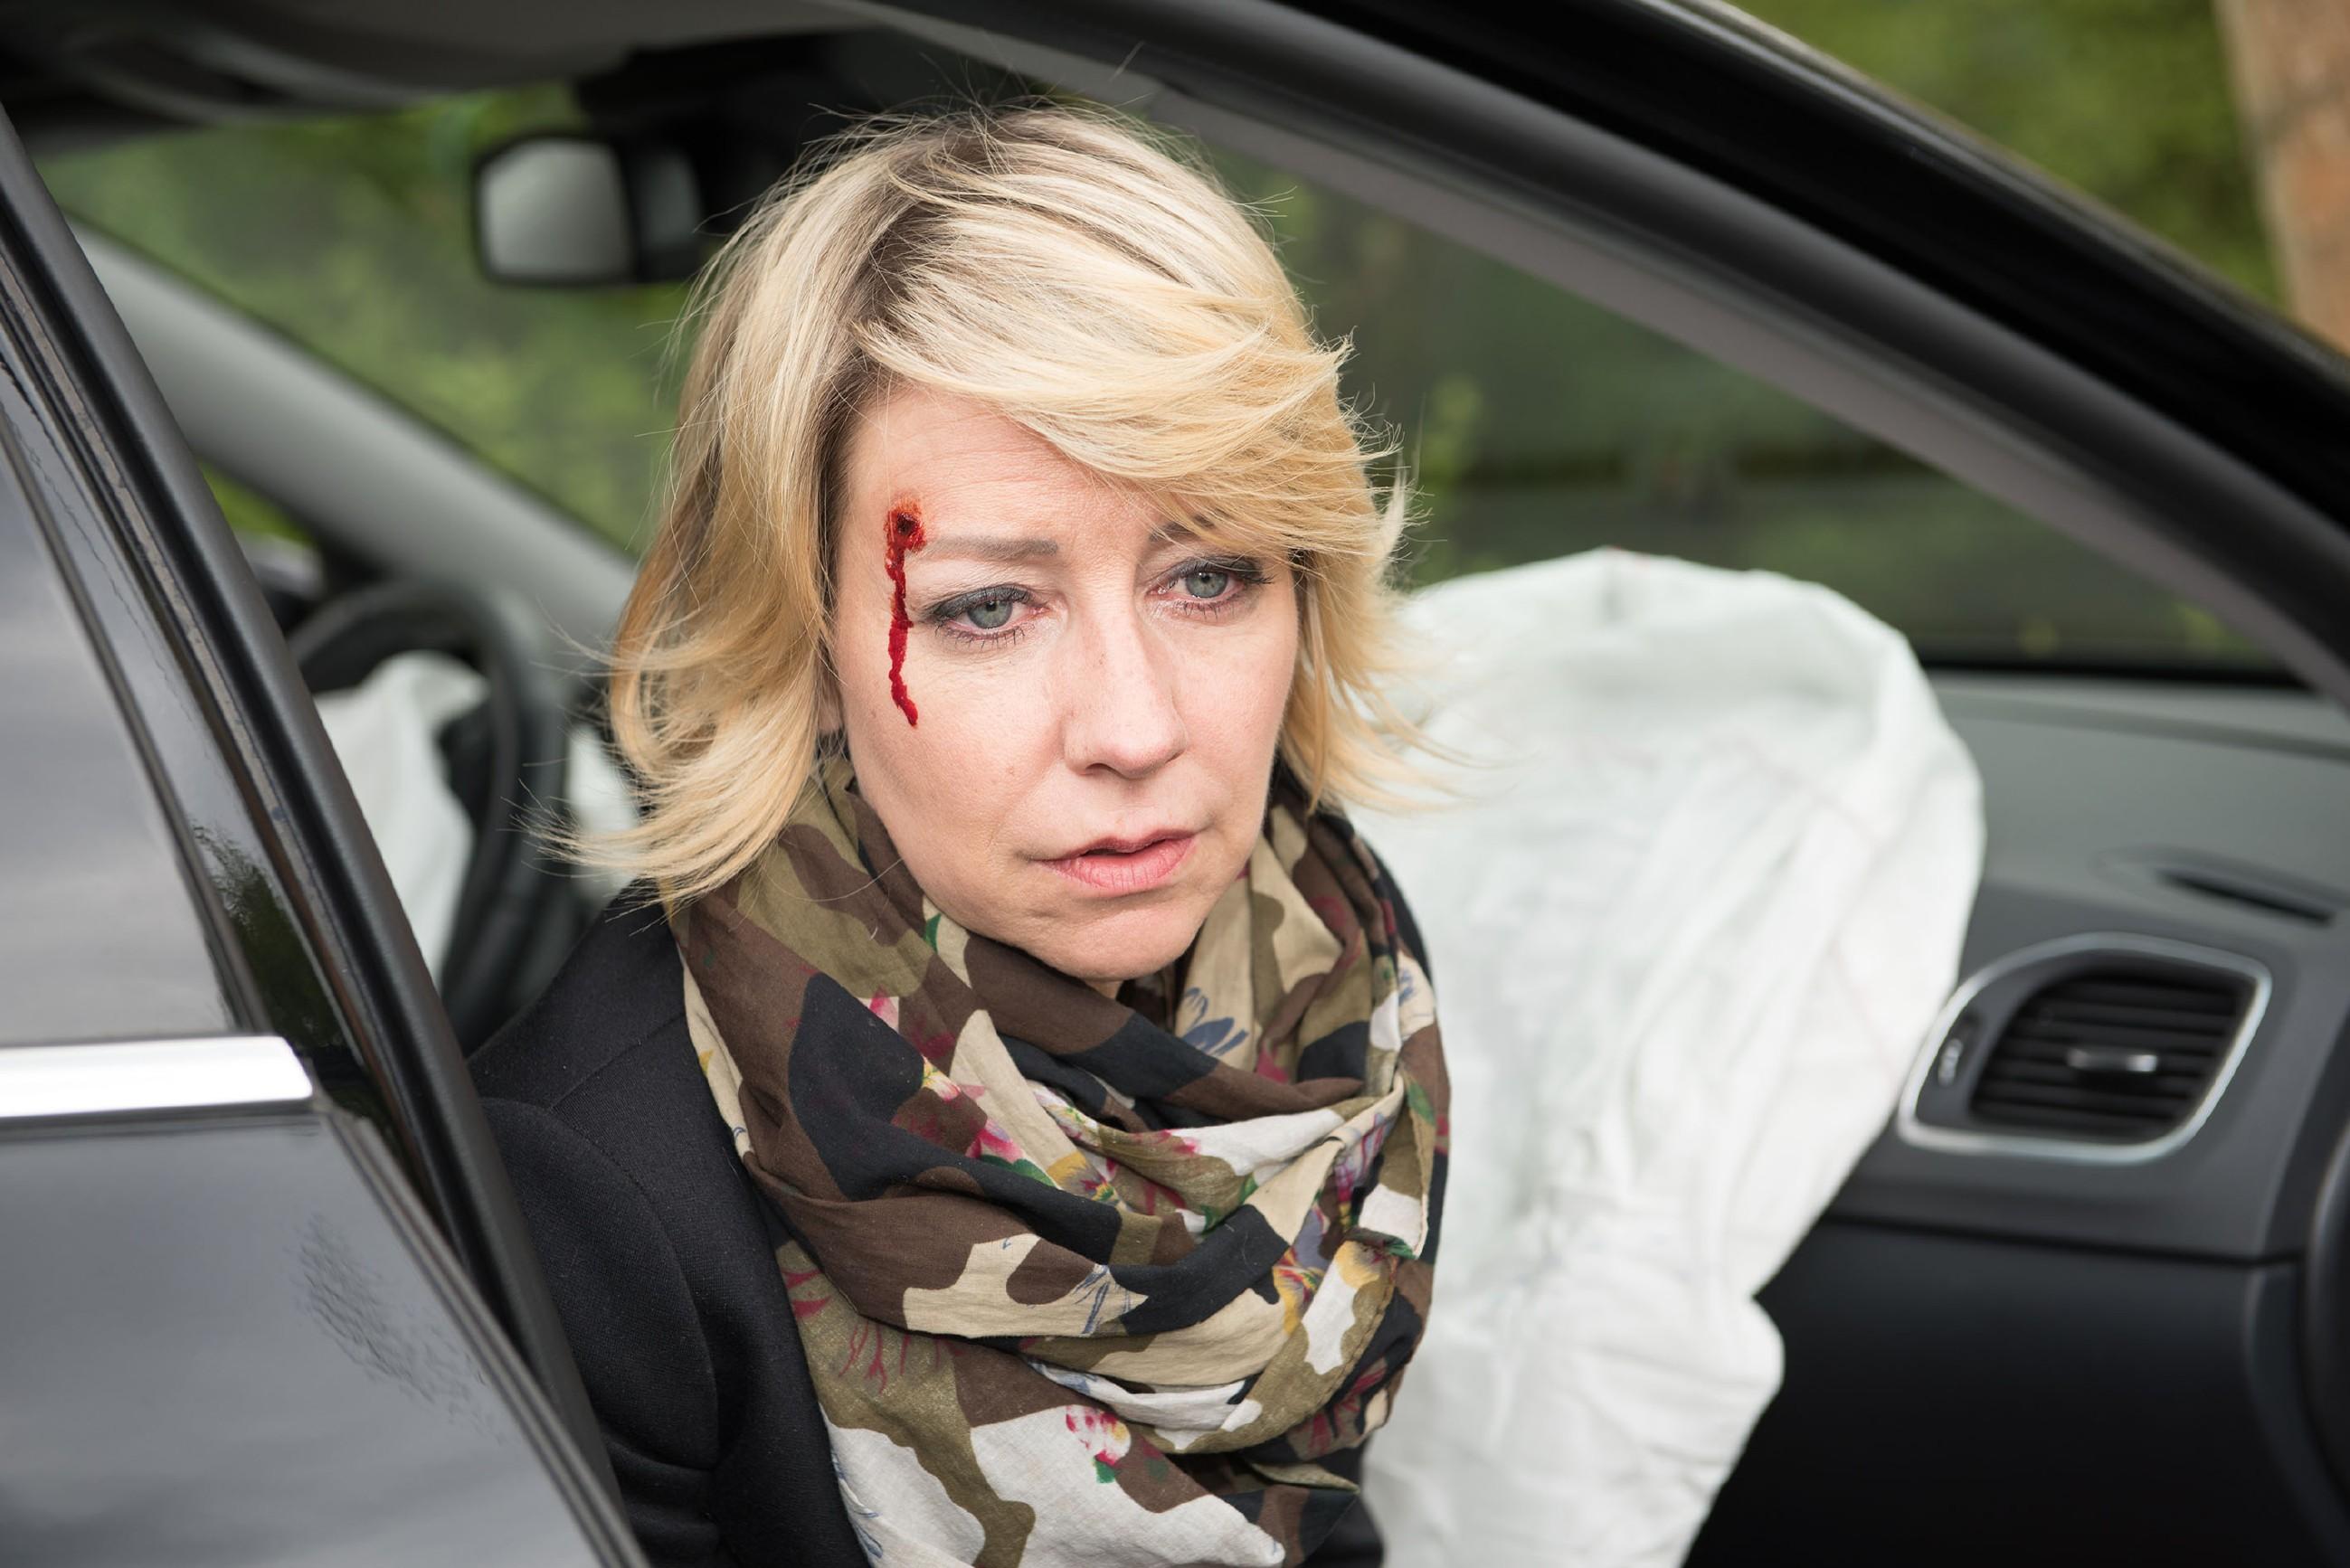 Ute (Isabell Hertel) ist nach dem Unfall noch völlig benommen, doch sie und Till können froh sein, dass ihnen - außer ein paar Schrammen - nichts Schlimmeres zugestoßen ist. (Quelle: RTL / Stefan Behrens)